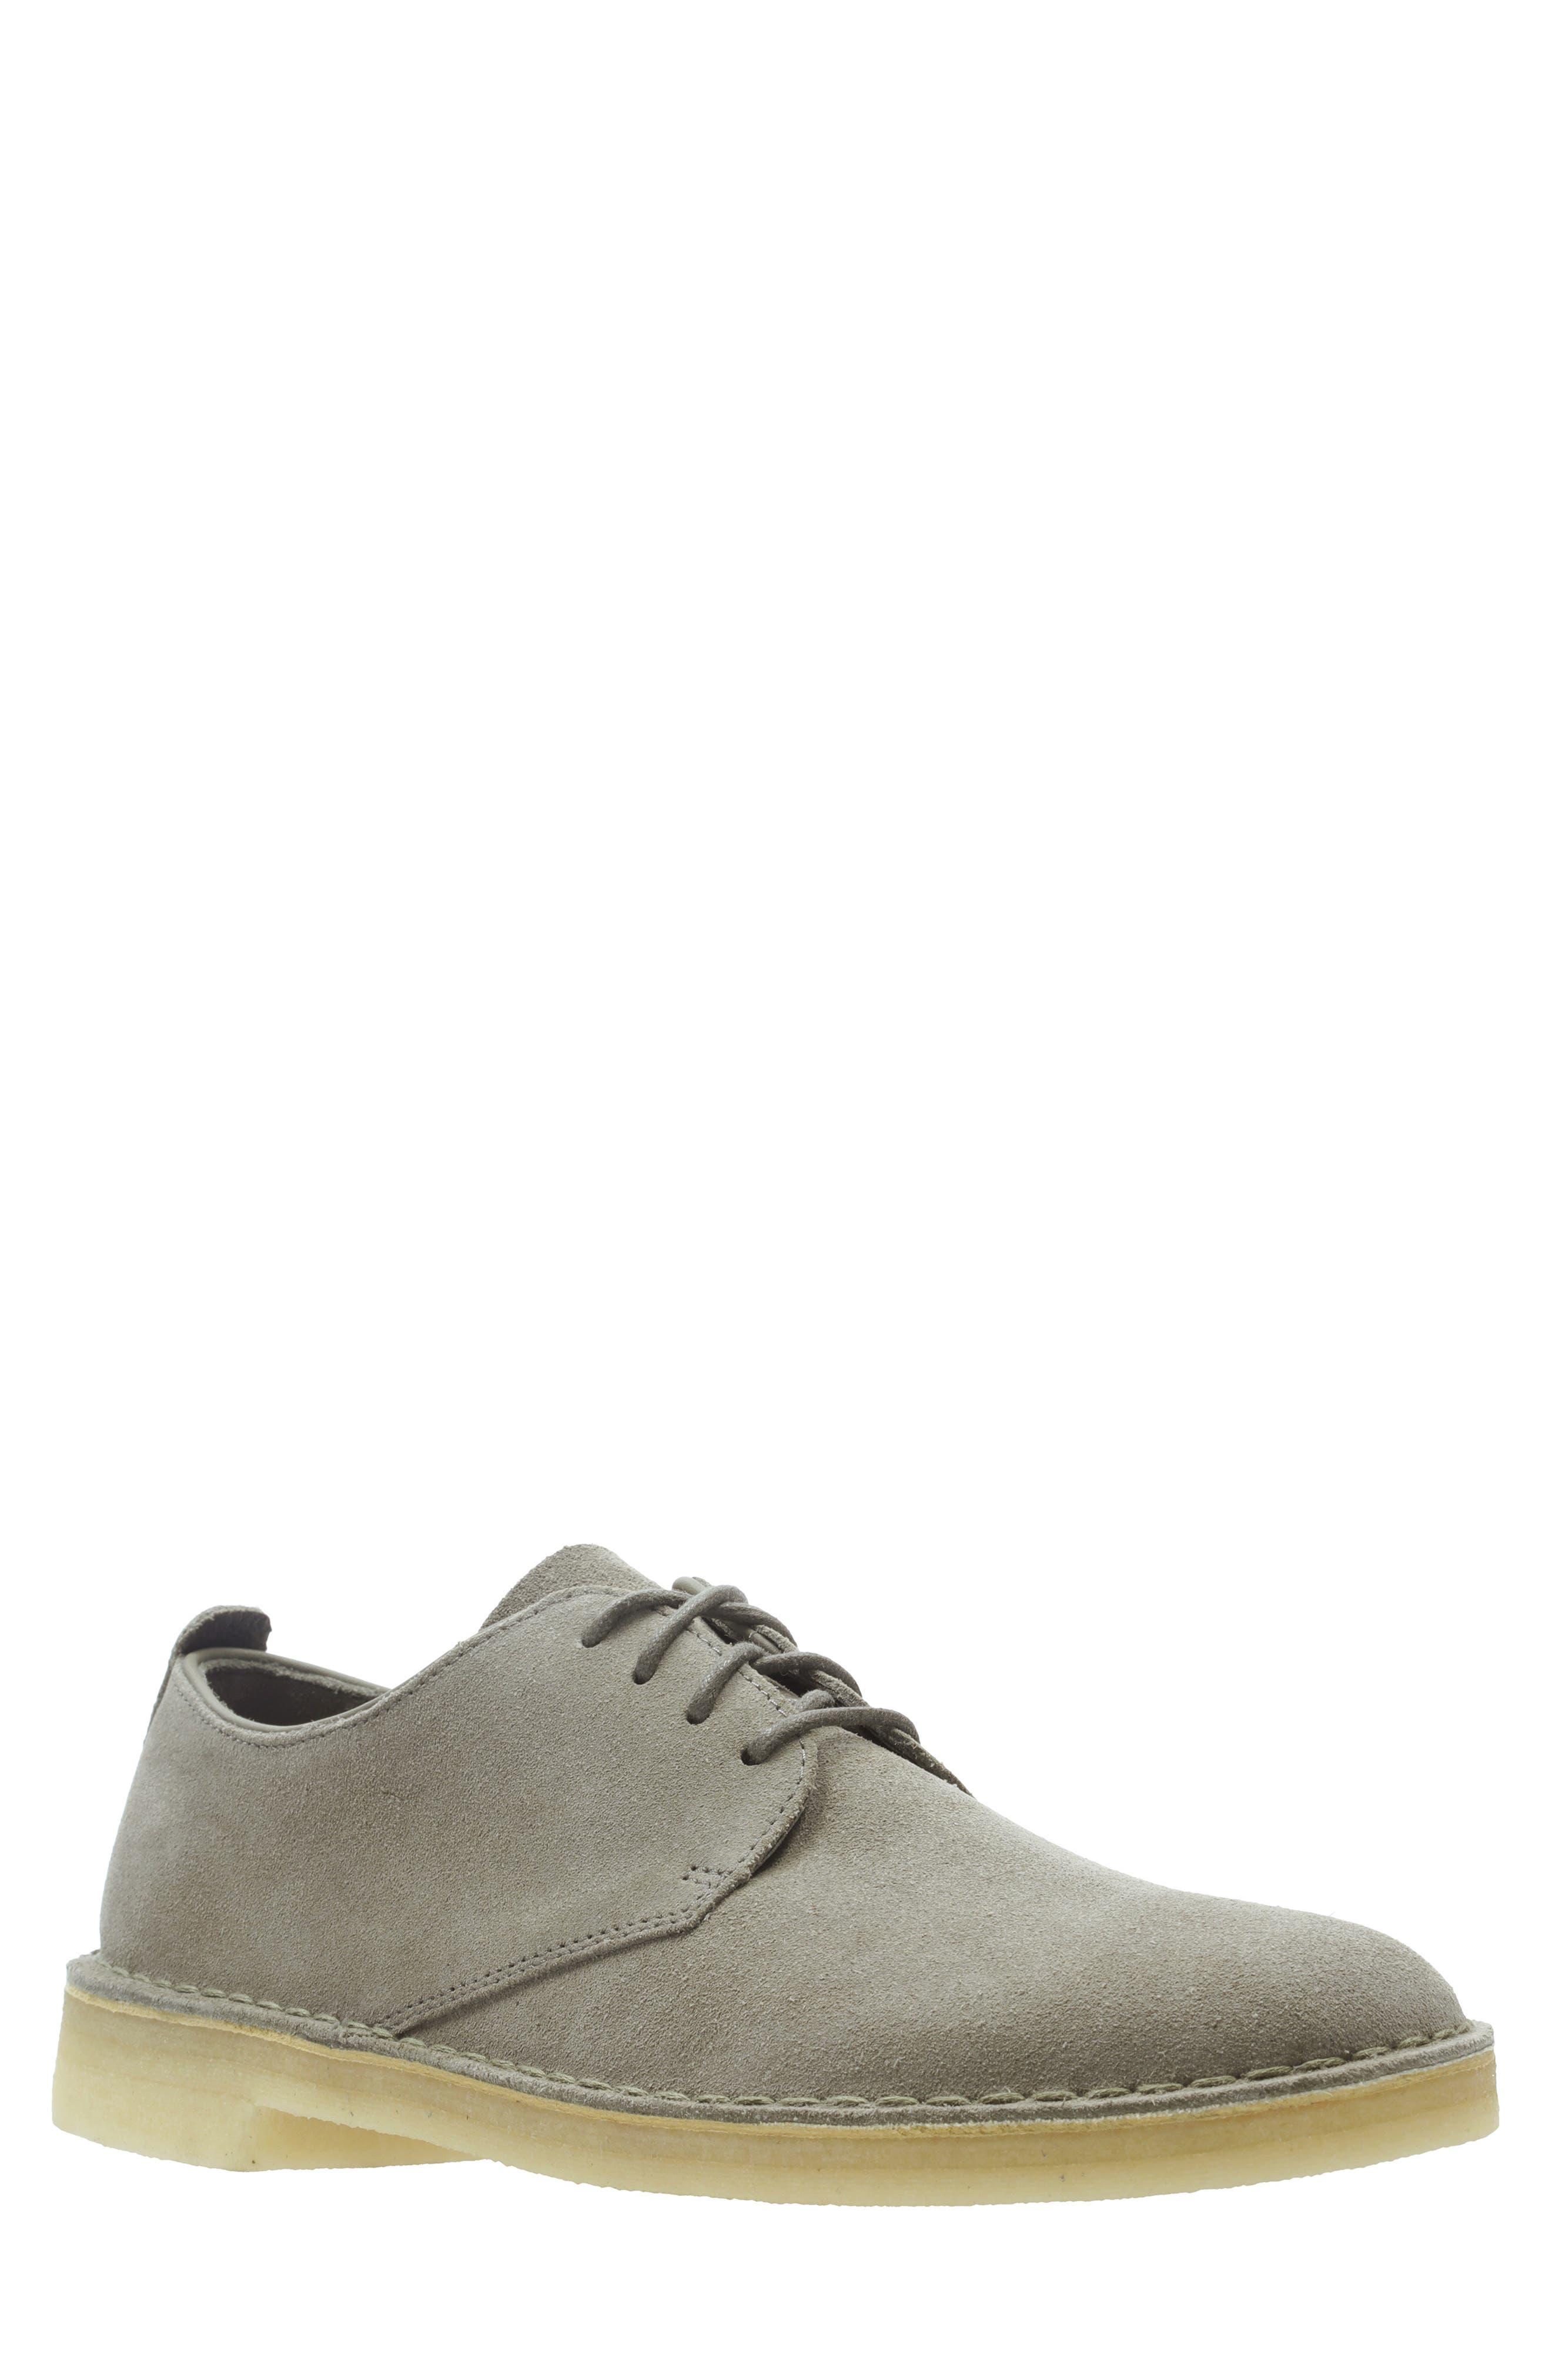 Clarks<sup>®</sup> 'Desert London' Plain Toe Derby,                         Main,                         color, GREY SUEDE